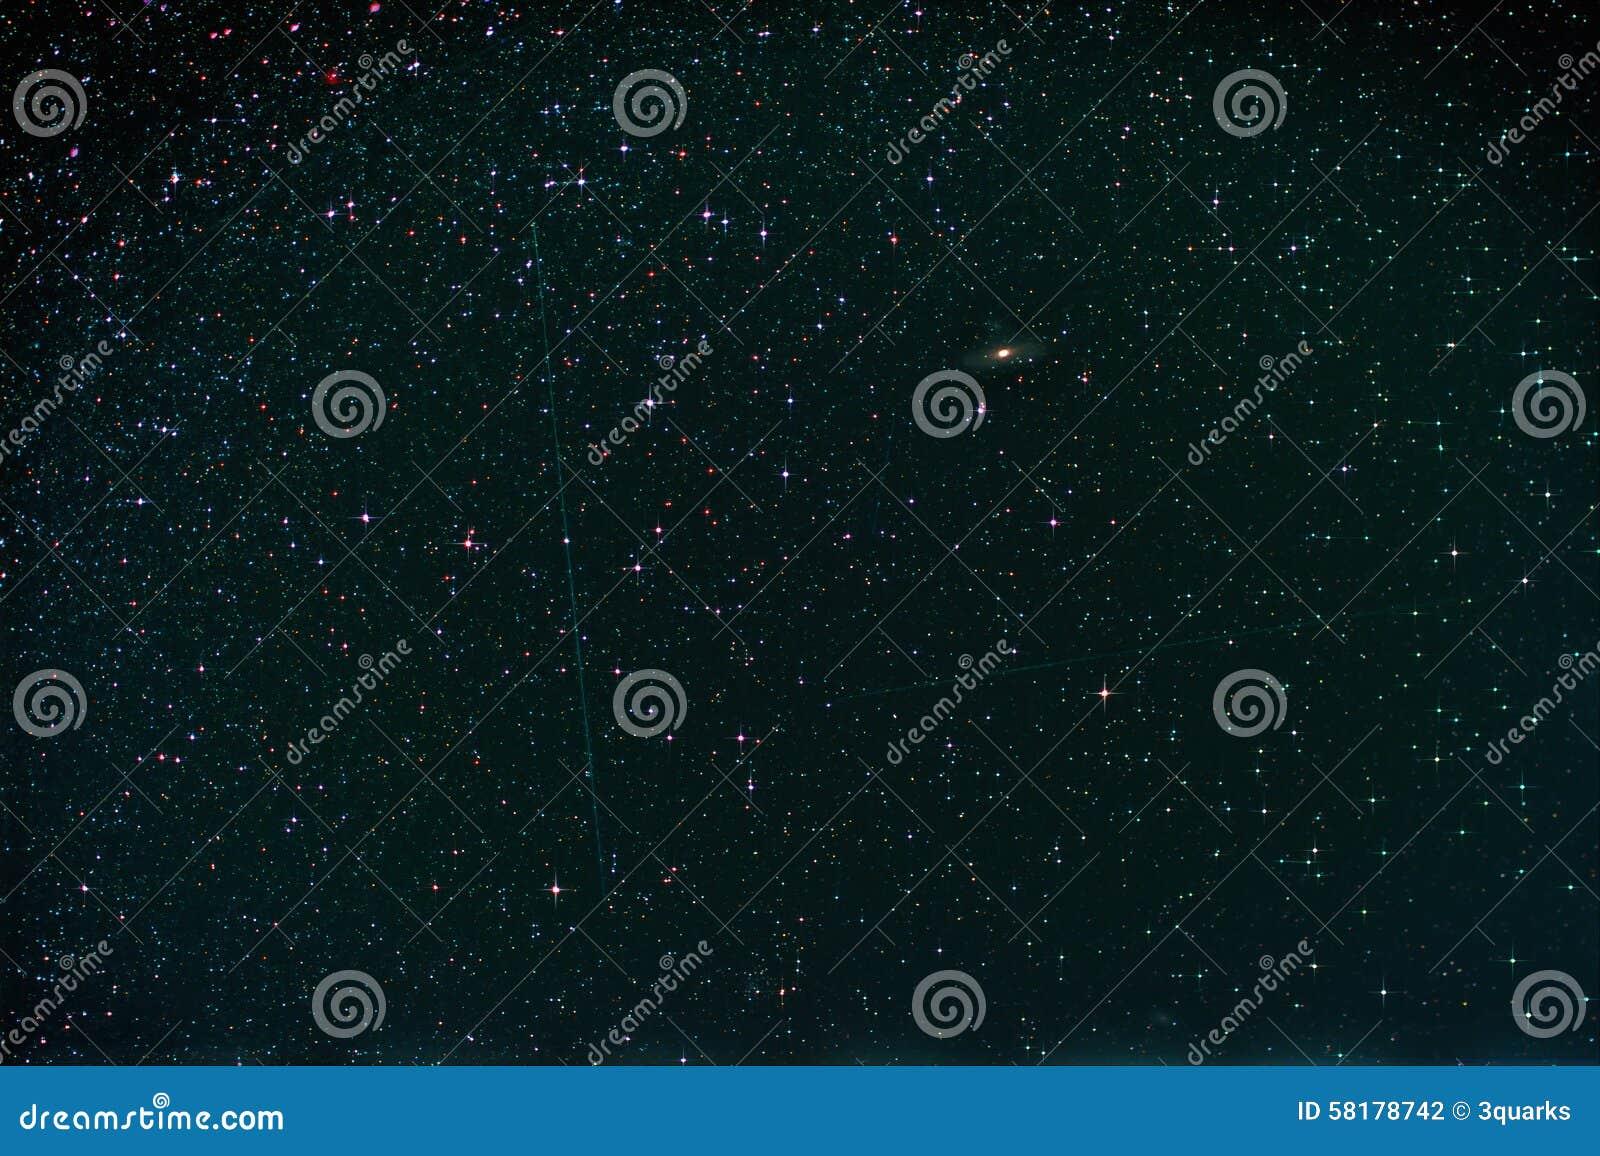 Starfield mit Perseus, Andromeda Galaxy, Milchstraße und dem Fallen